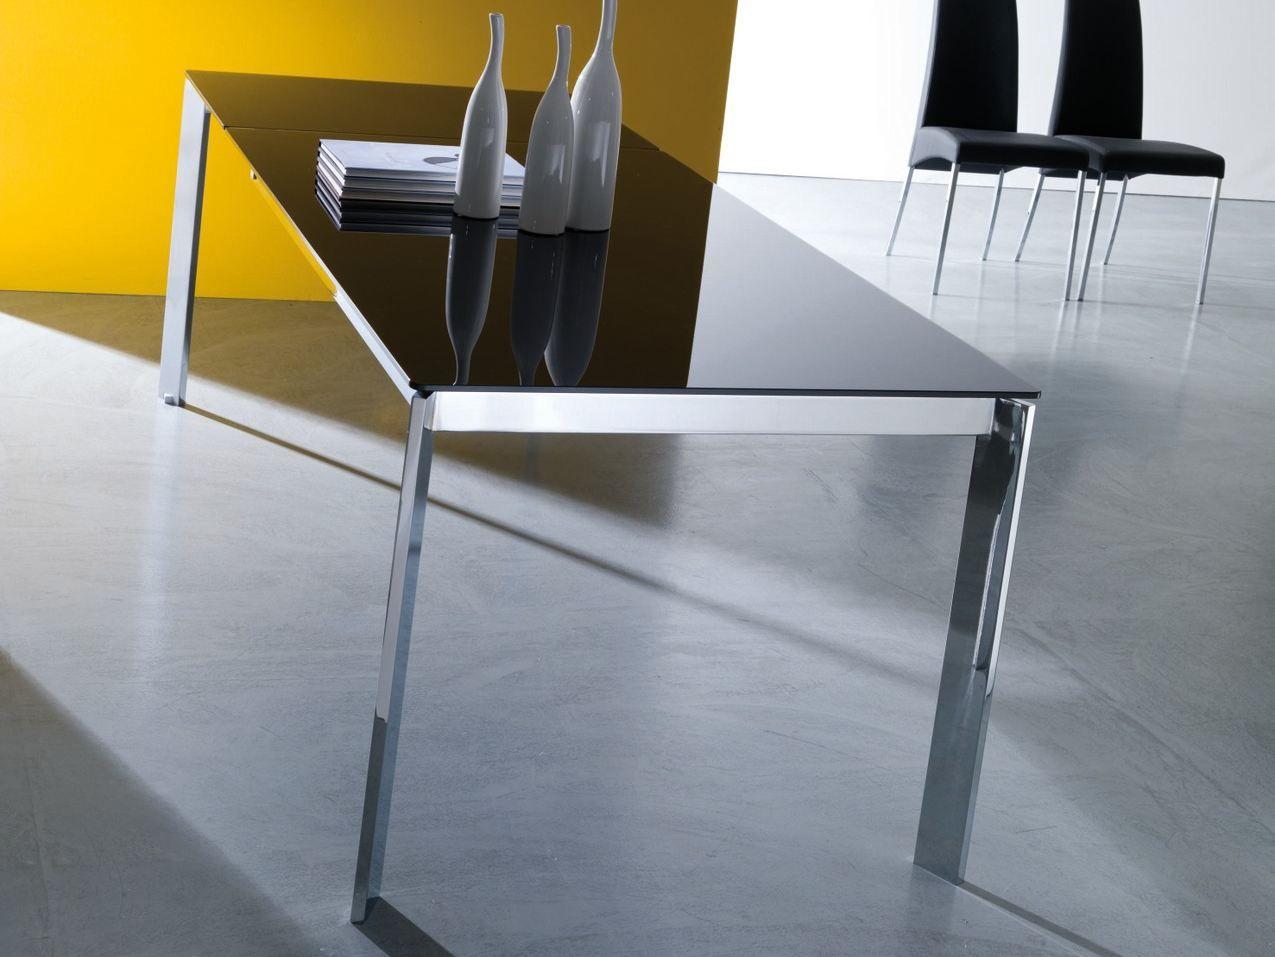 Tavolo in acciaio e cristallo niko collezione tavoli by for Tavoli in cristallo e acciaio